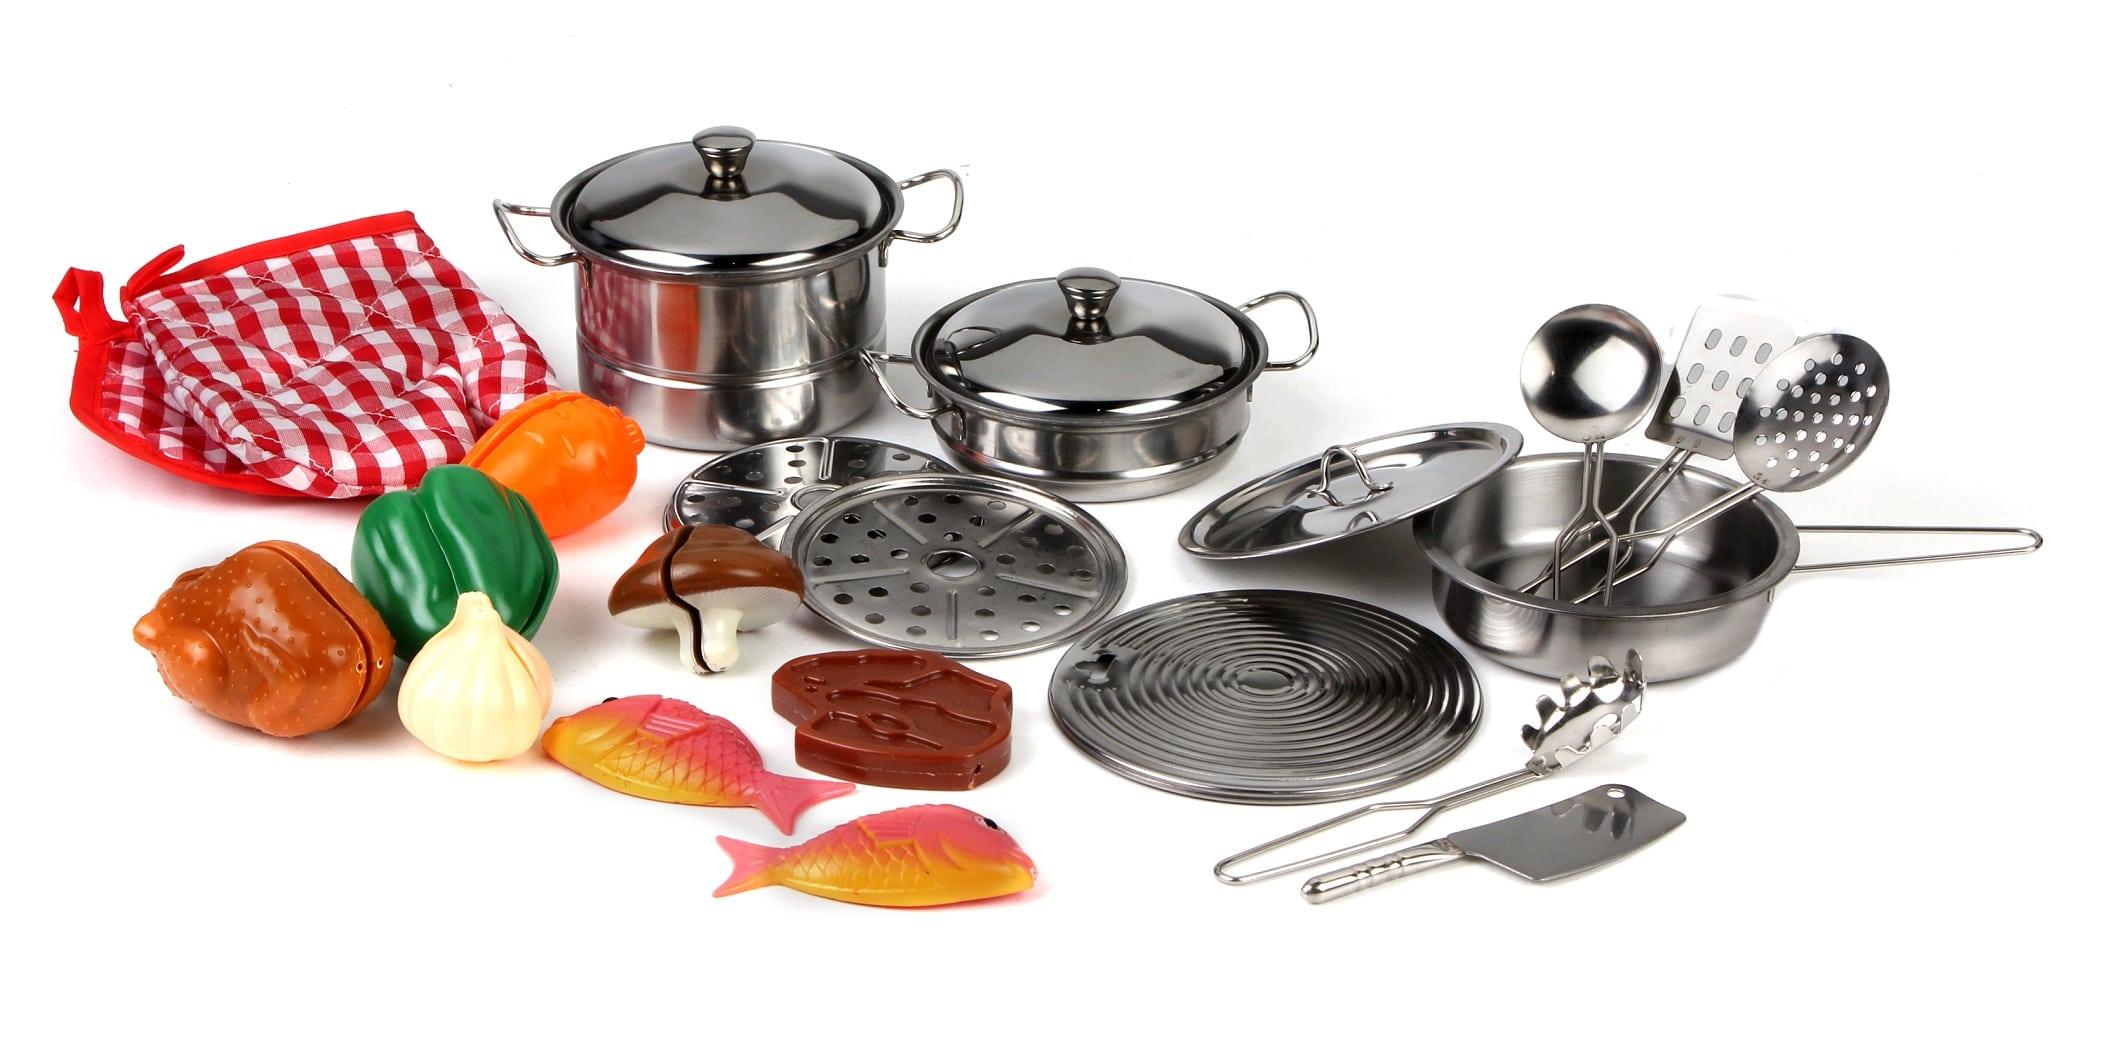 Set cucina giocattoli per bambini in metallo 23pz lgv shopping - Cucine bimbe giocattoli ...